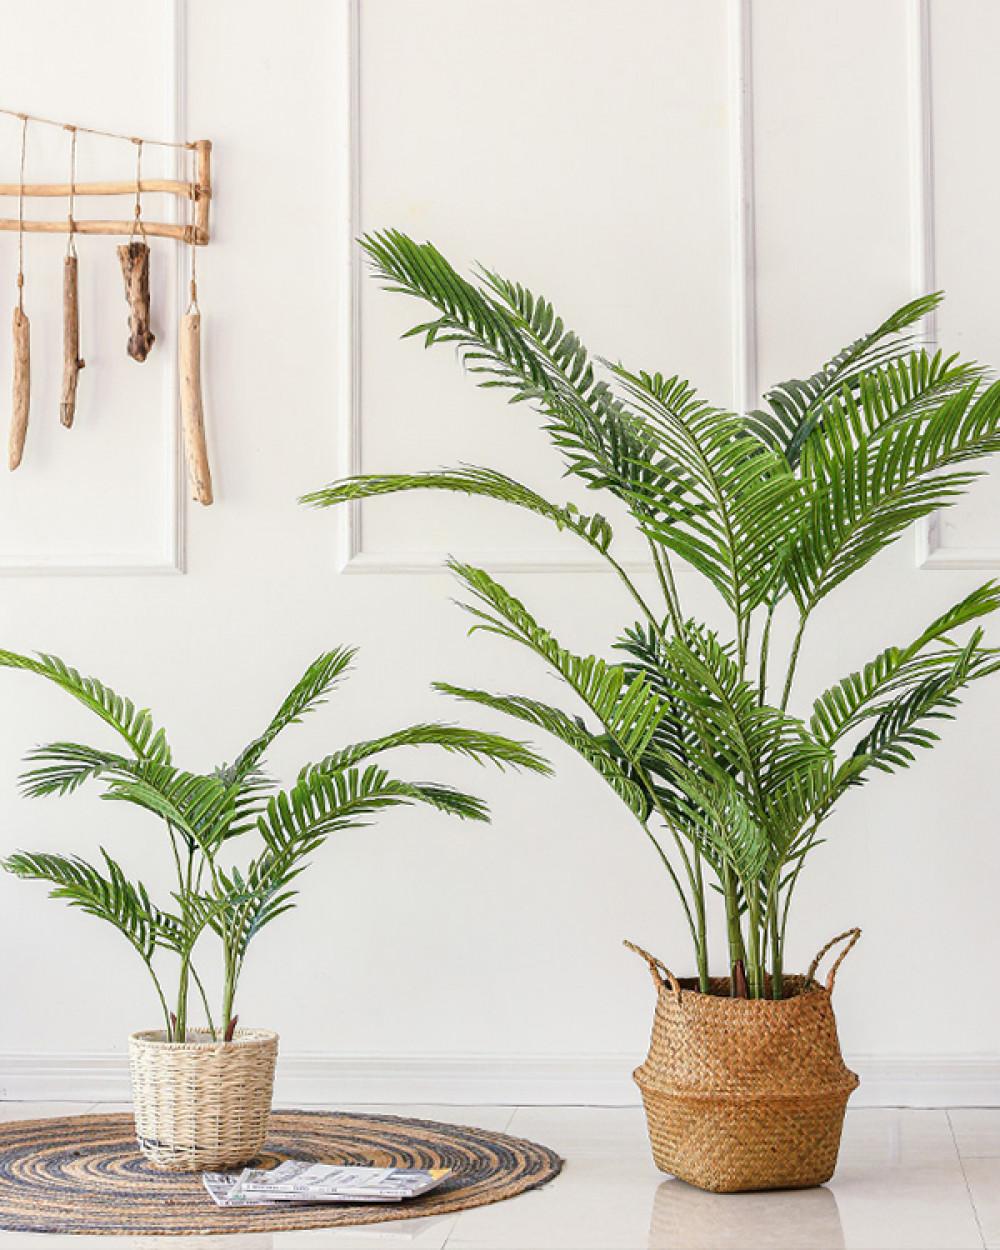 BOTANICA Palm | Planter